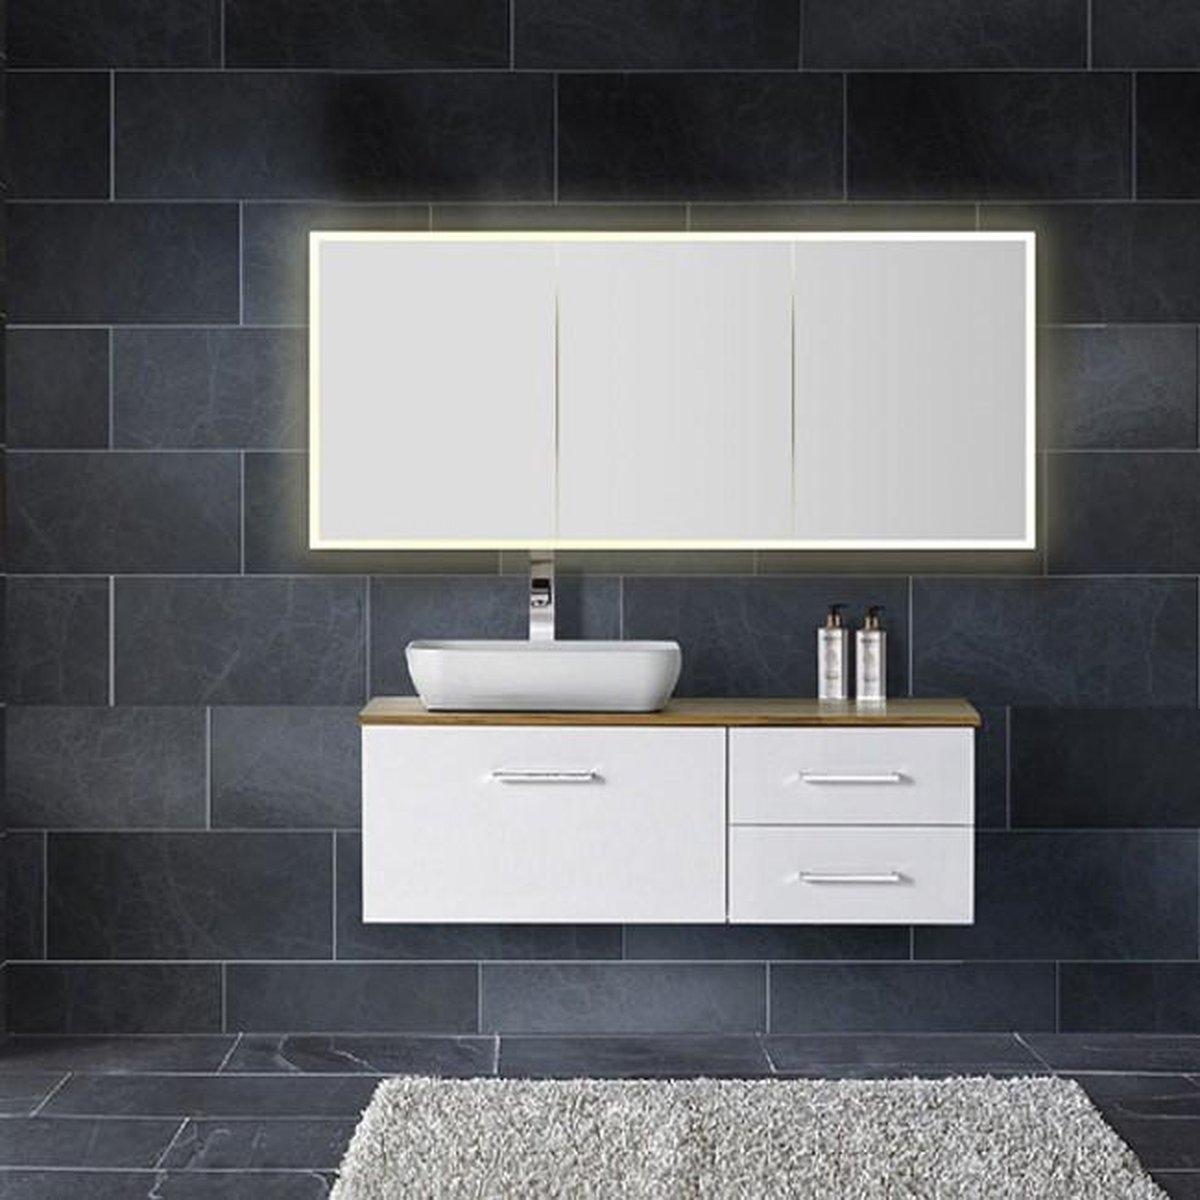 Spiegelkast Quatro 160x70x13cm Aluminium Geintegreerde LED Verlichting Sensor Lichtschakelaar Stopcontact Glazen Planken